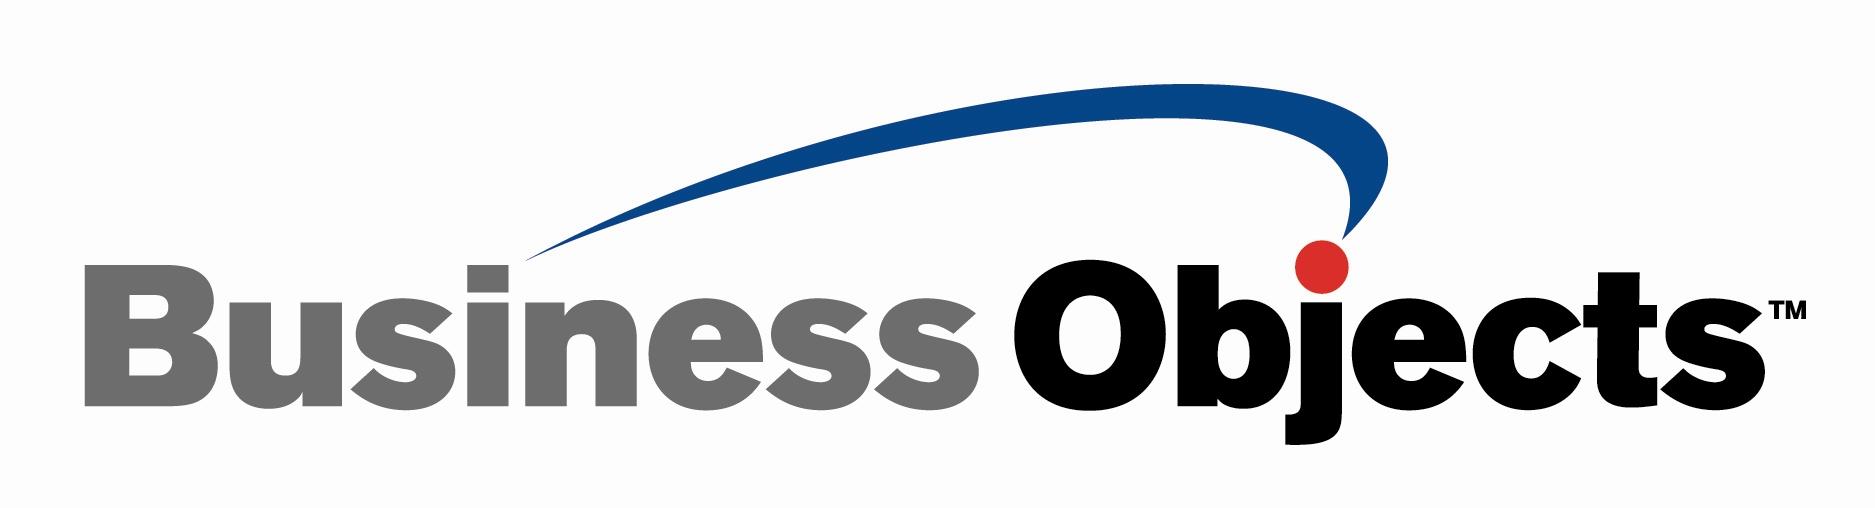 Agilně implementujeme SAP Business Objects. SAP Business Object Vám pomůže s řízením financí, rizik,...